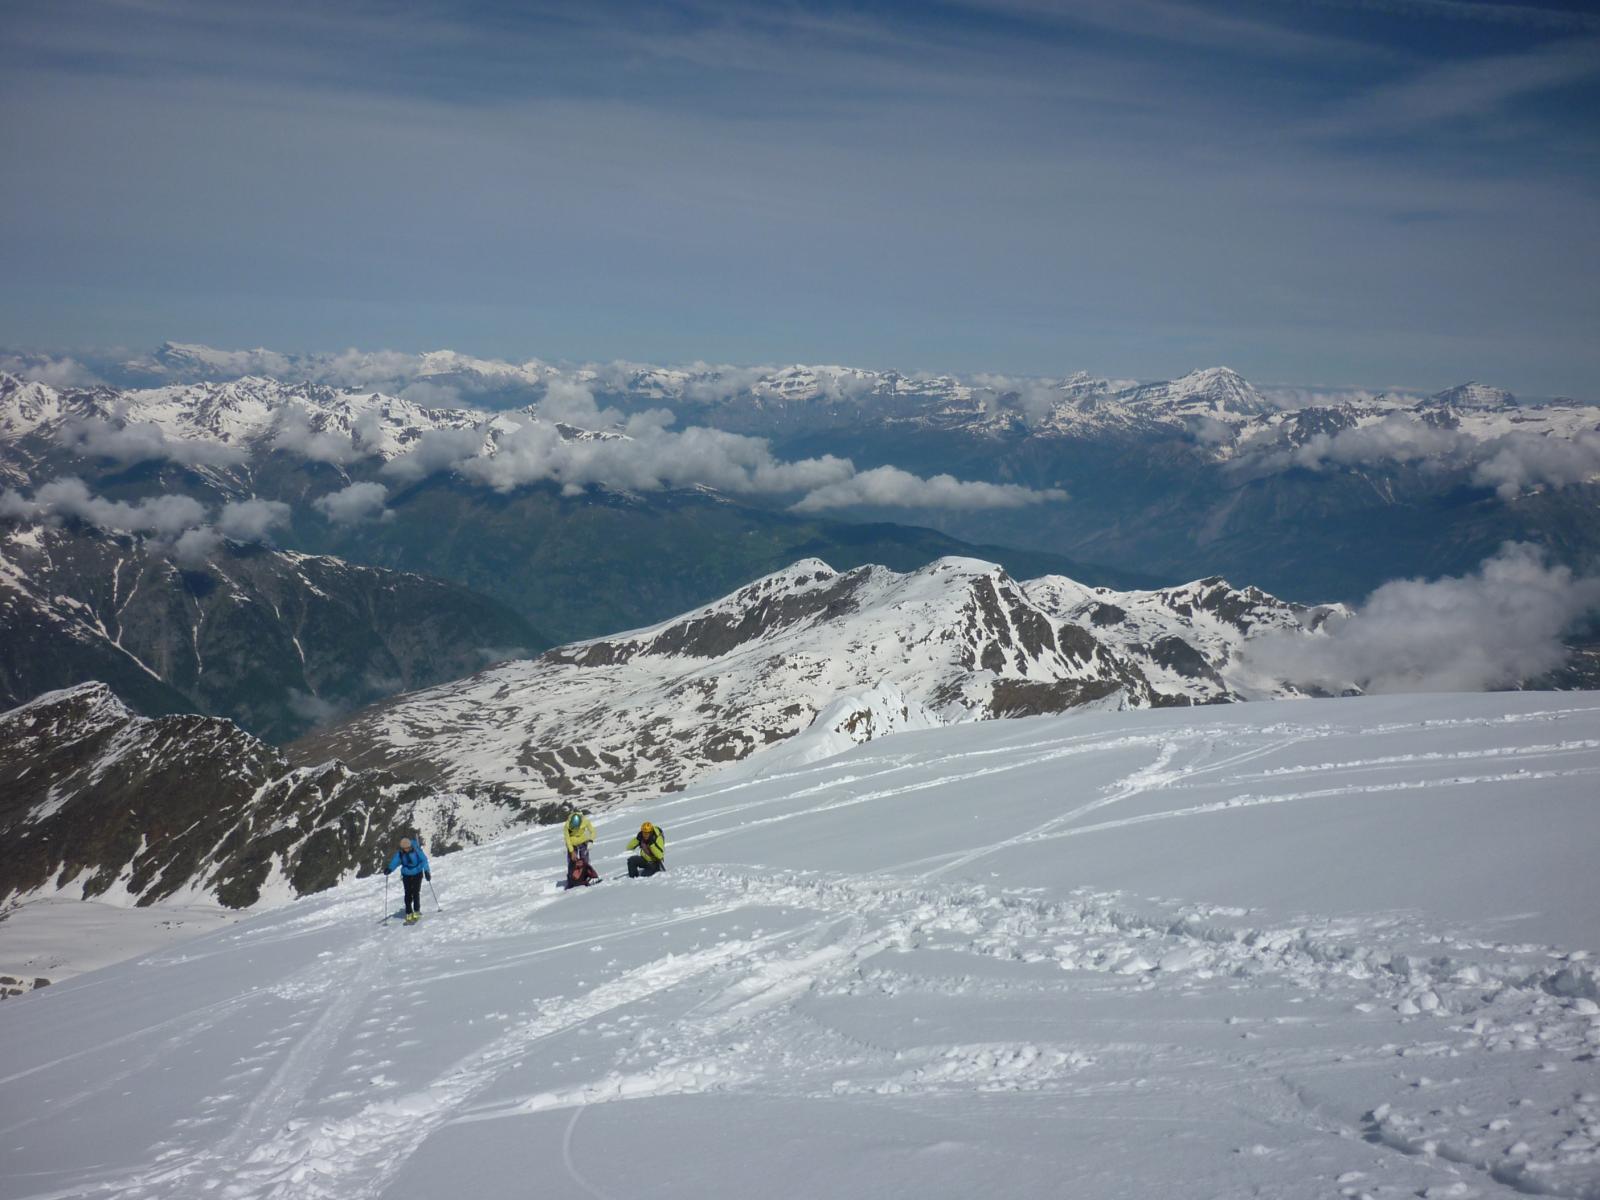 tratto della cresta finale con ski alps provenienti dalla nord